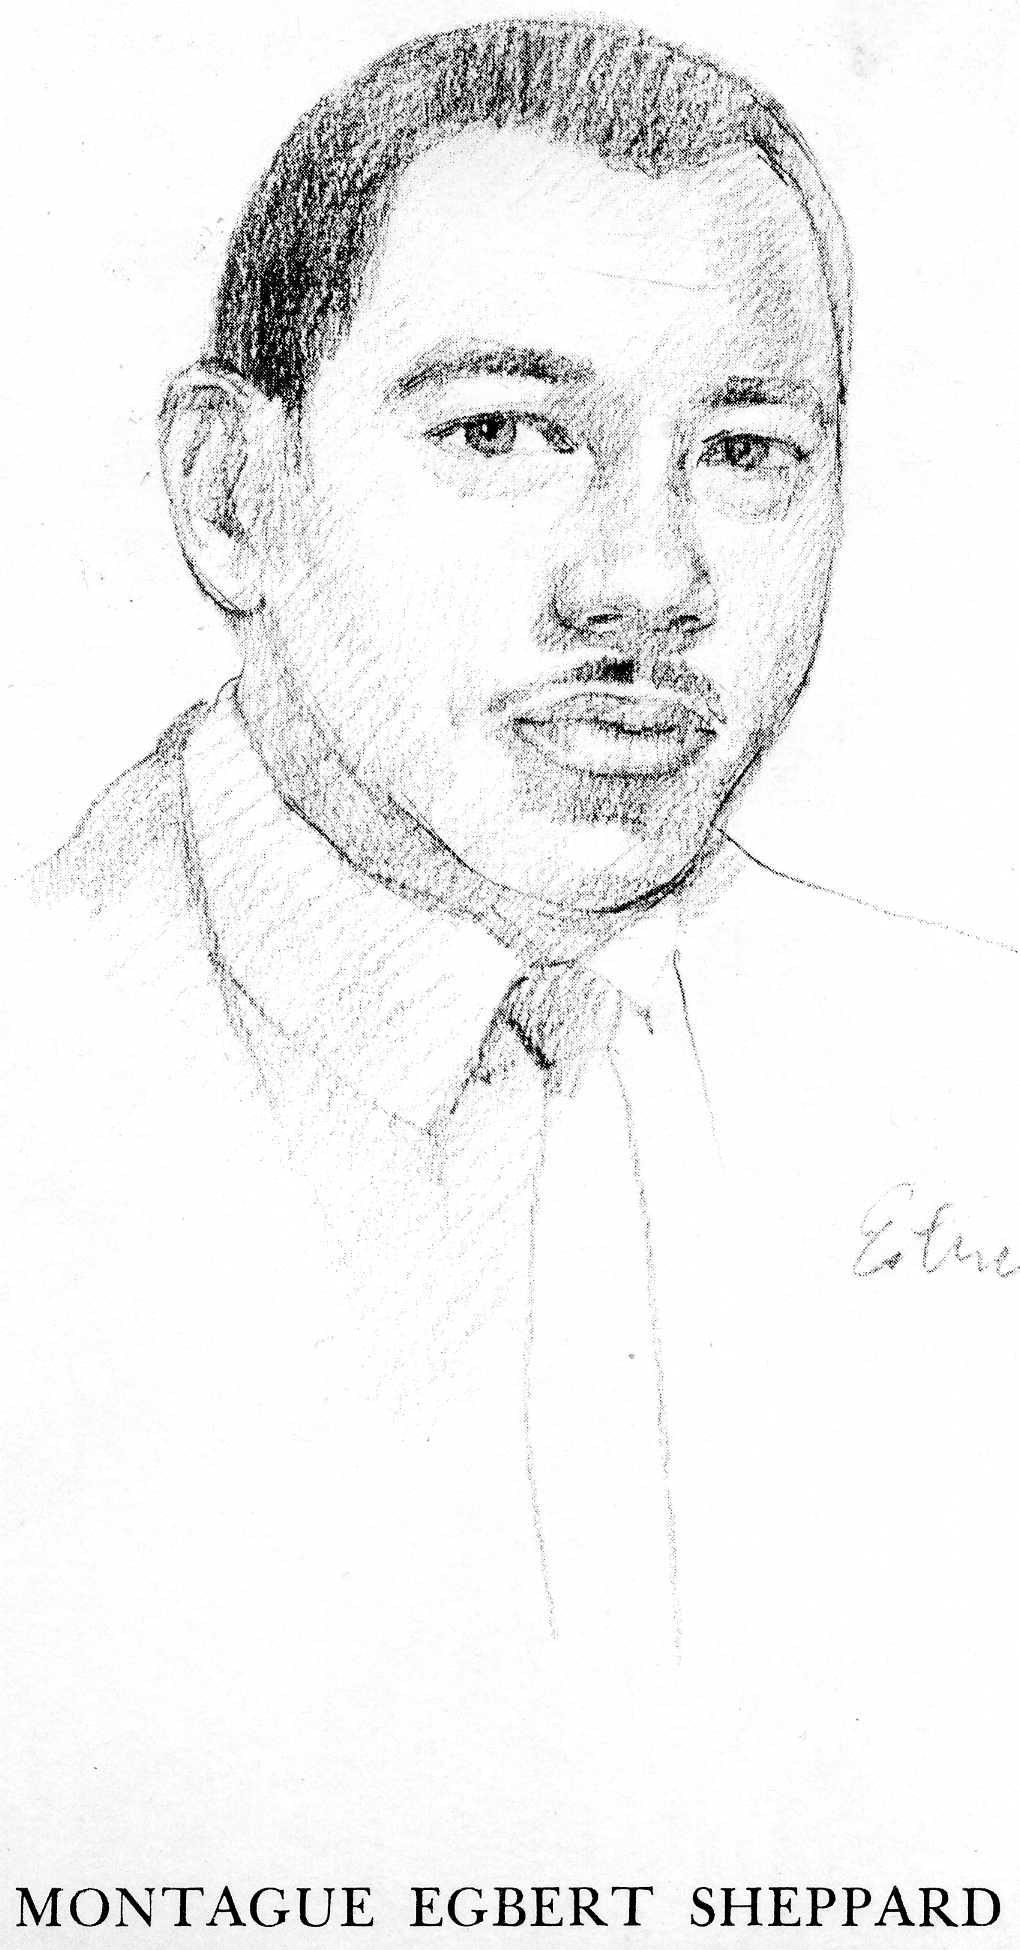 Montague Egbert Sheppard